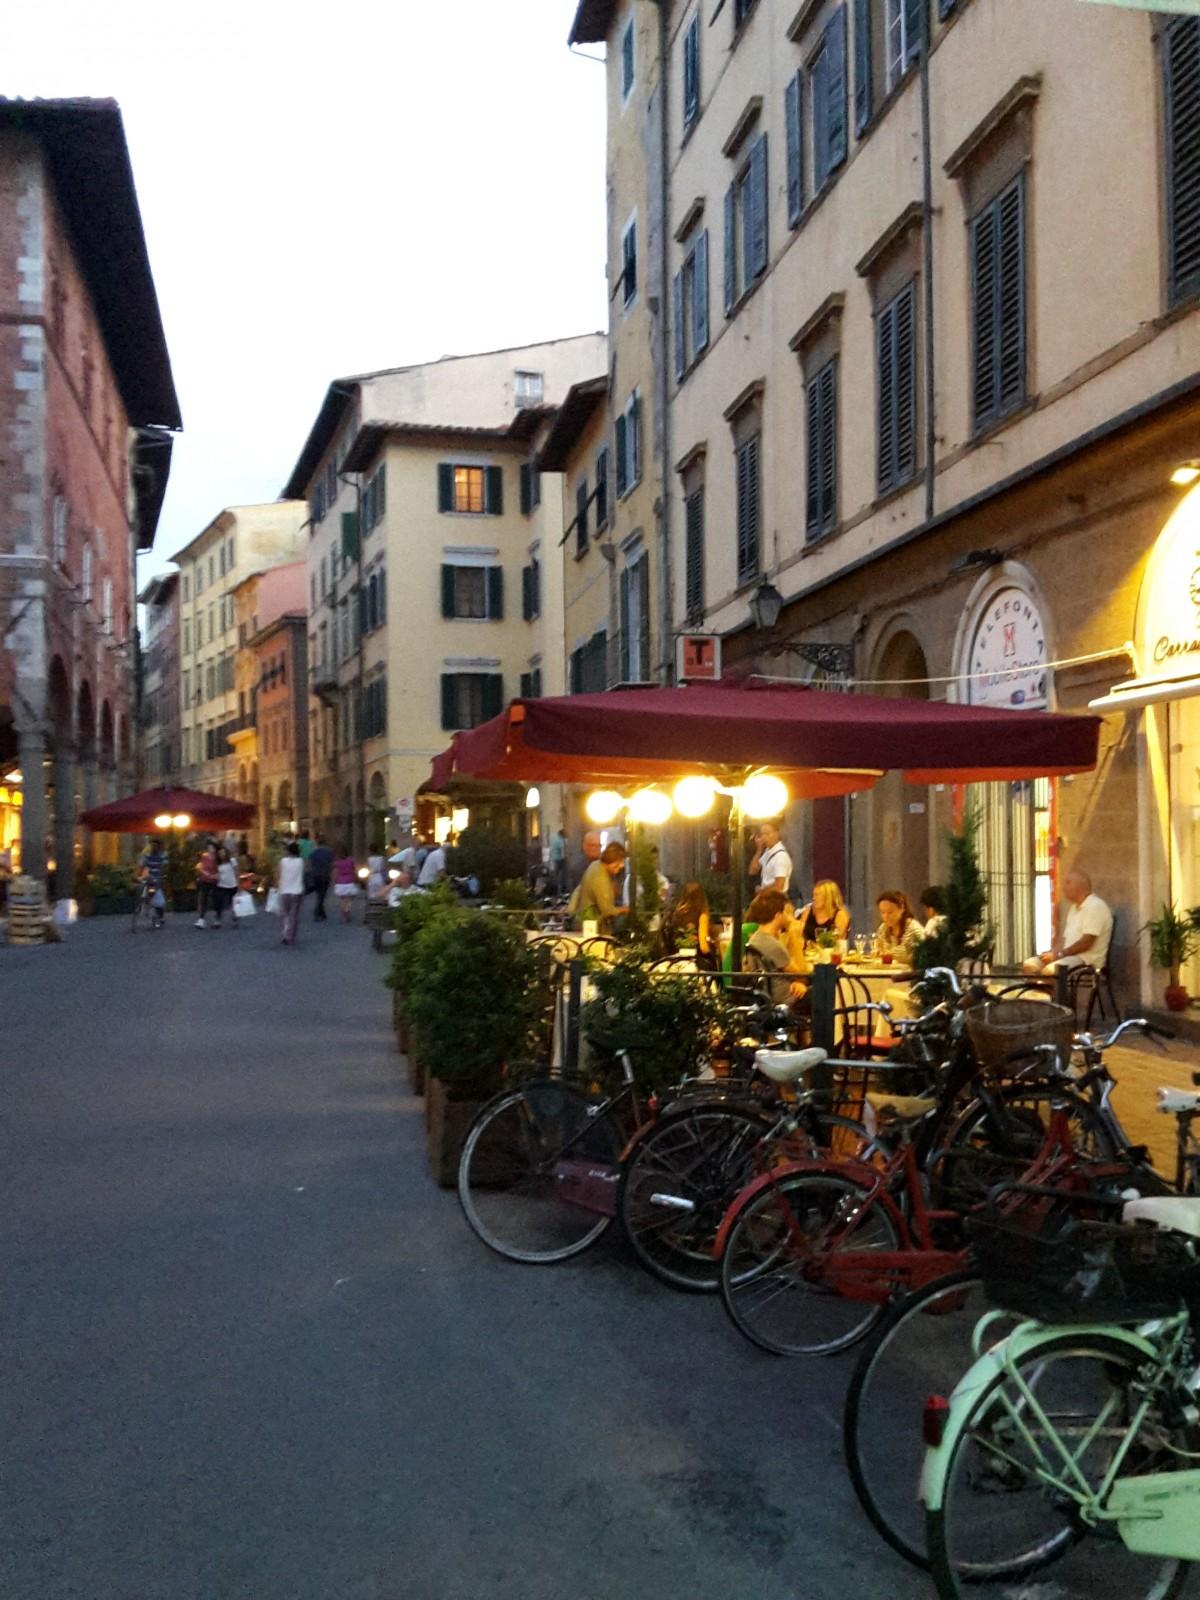 Viaje a Pisa ¿qué hacer en Pisa y a qué actividades de ocio apuntarse?